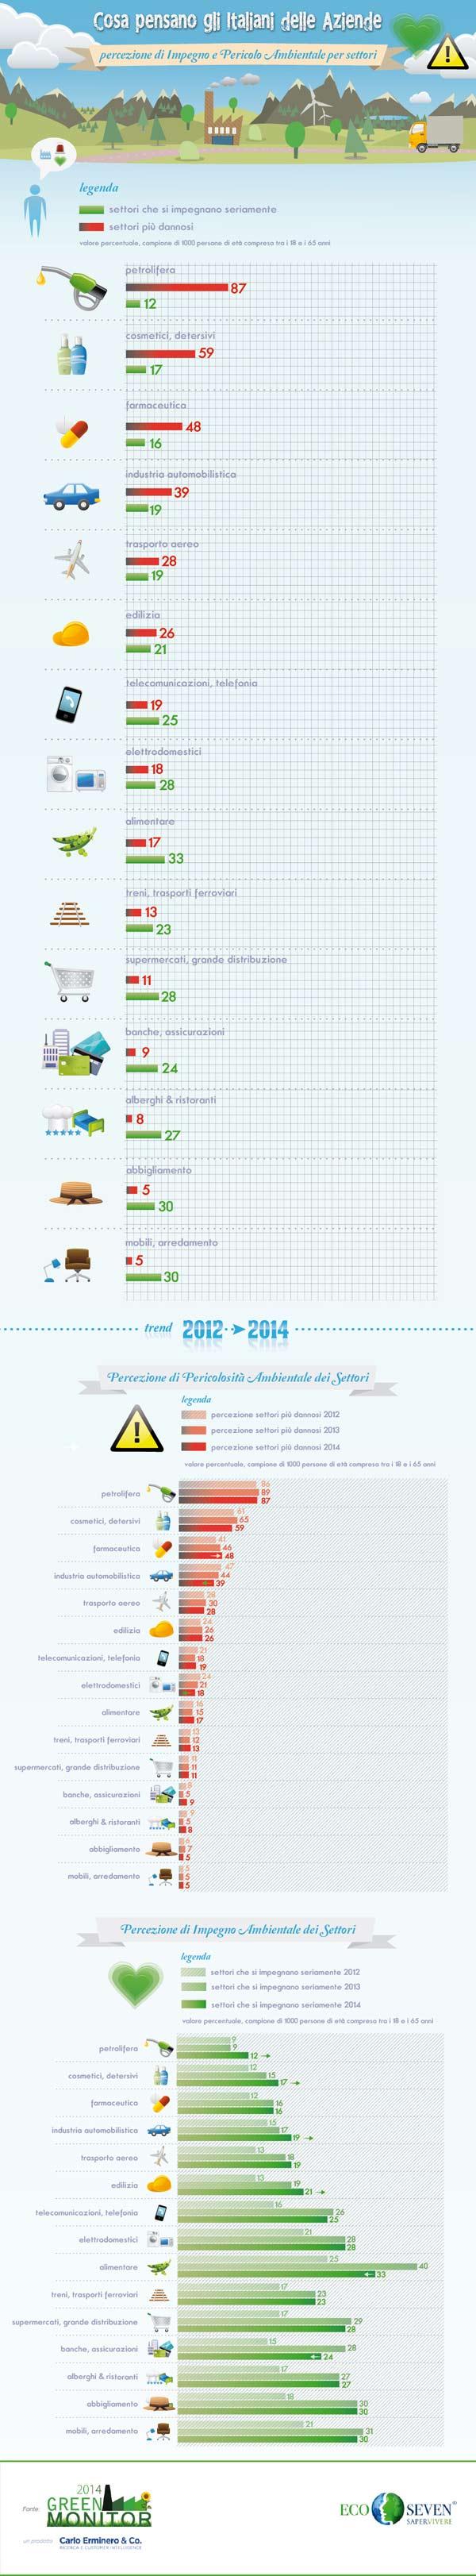 Green Monitor - Percezione sostenibilità settori di impresa